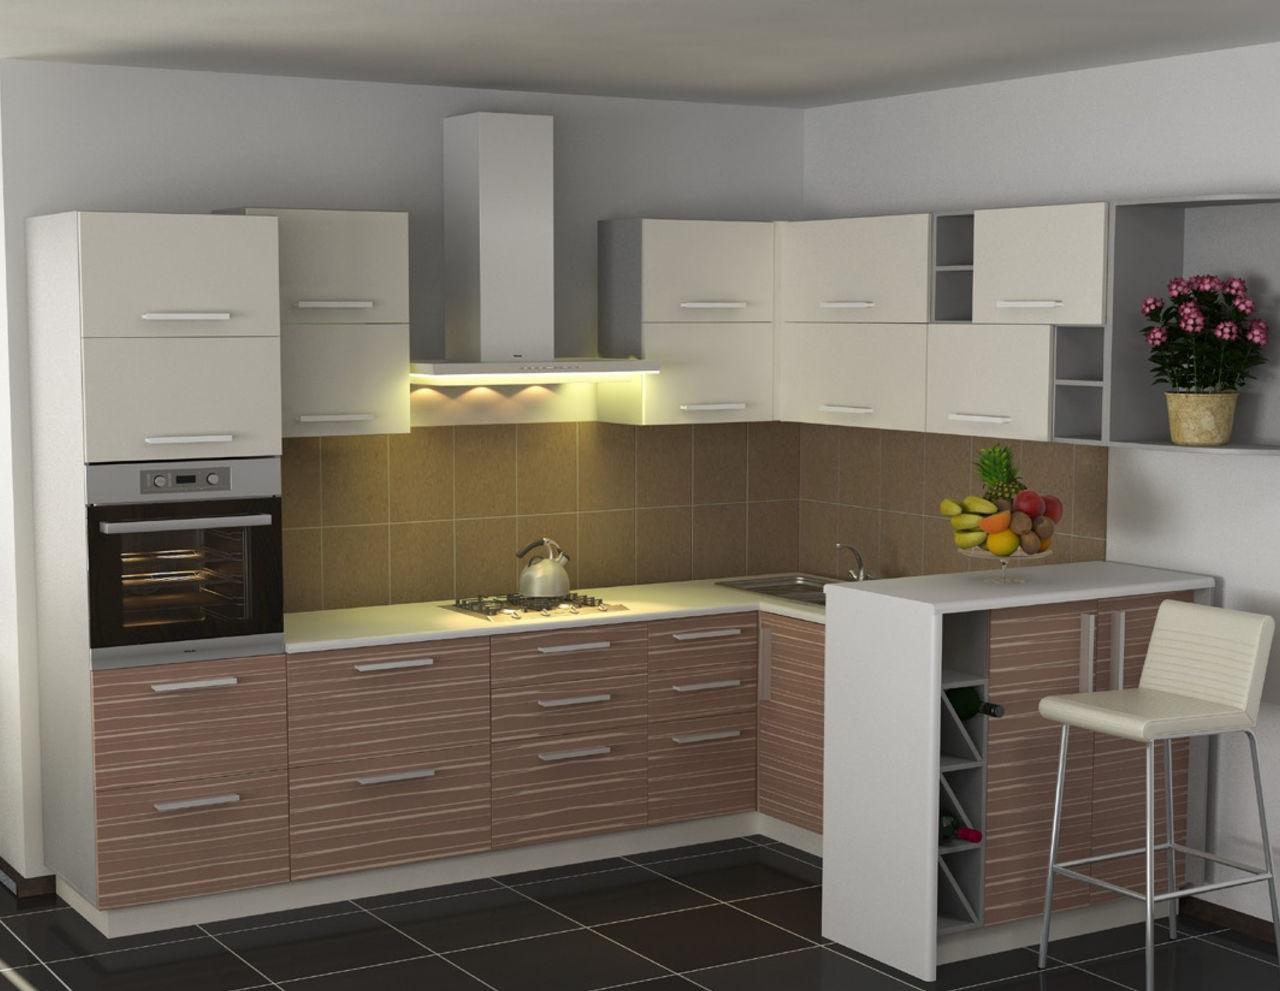 Посудомоечная машина встраиваемая фото на кухне декорировать